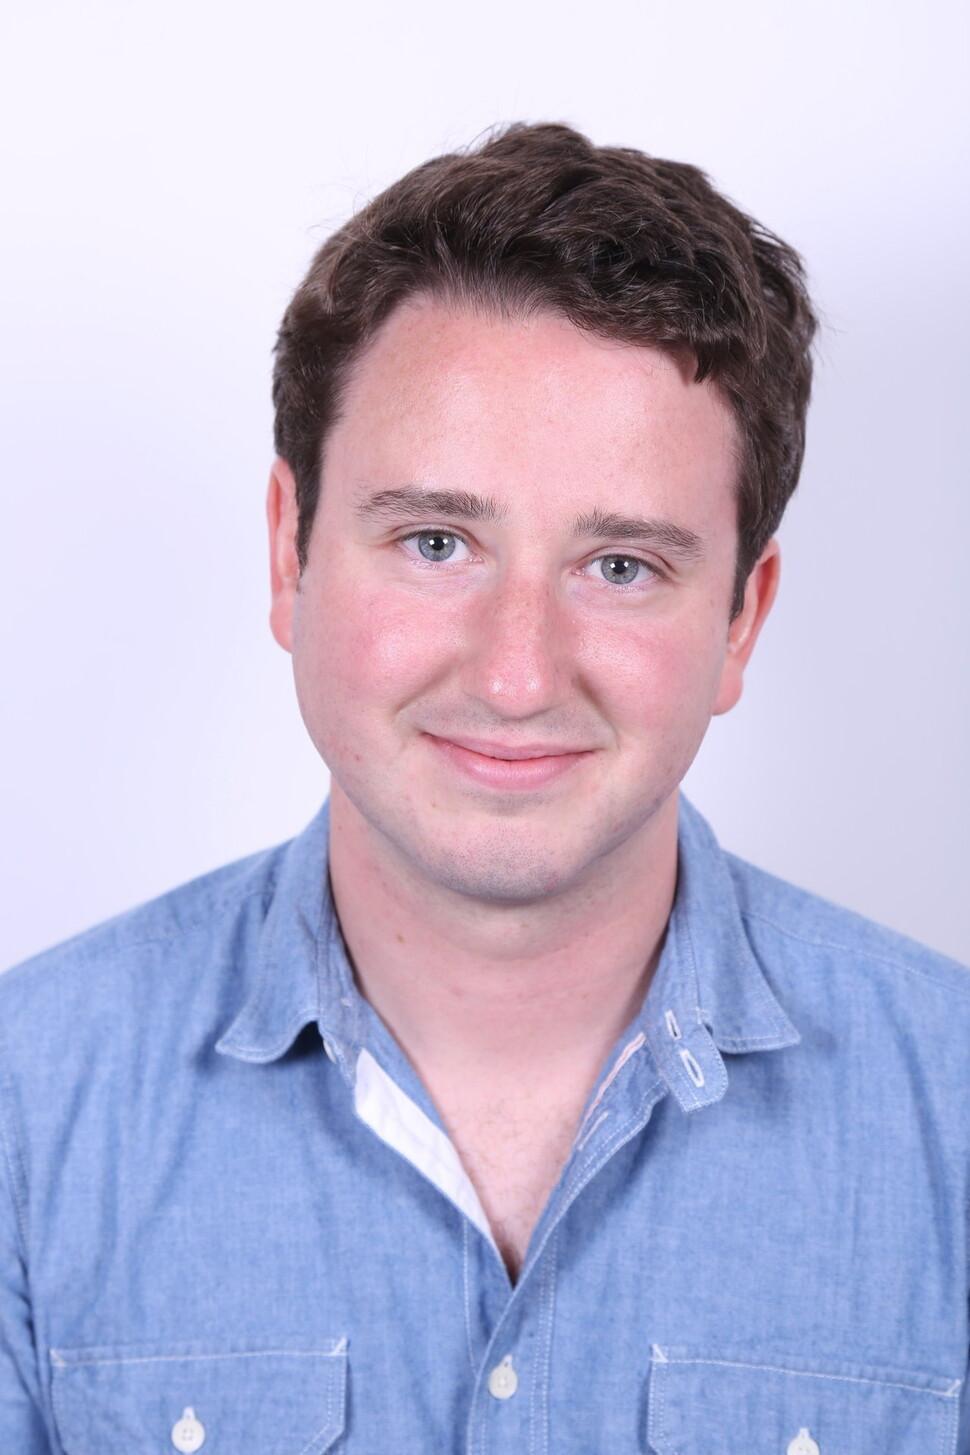 가브리엘 주크만 미국 버클리 캘리포니아대 경제학과 교수. 위키미디어 코먼스